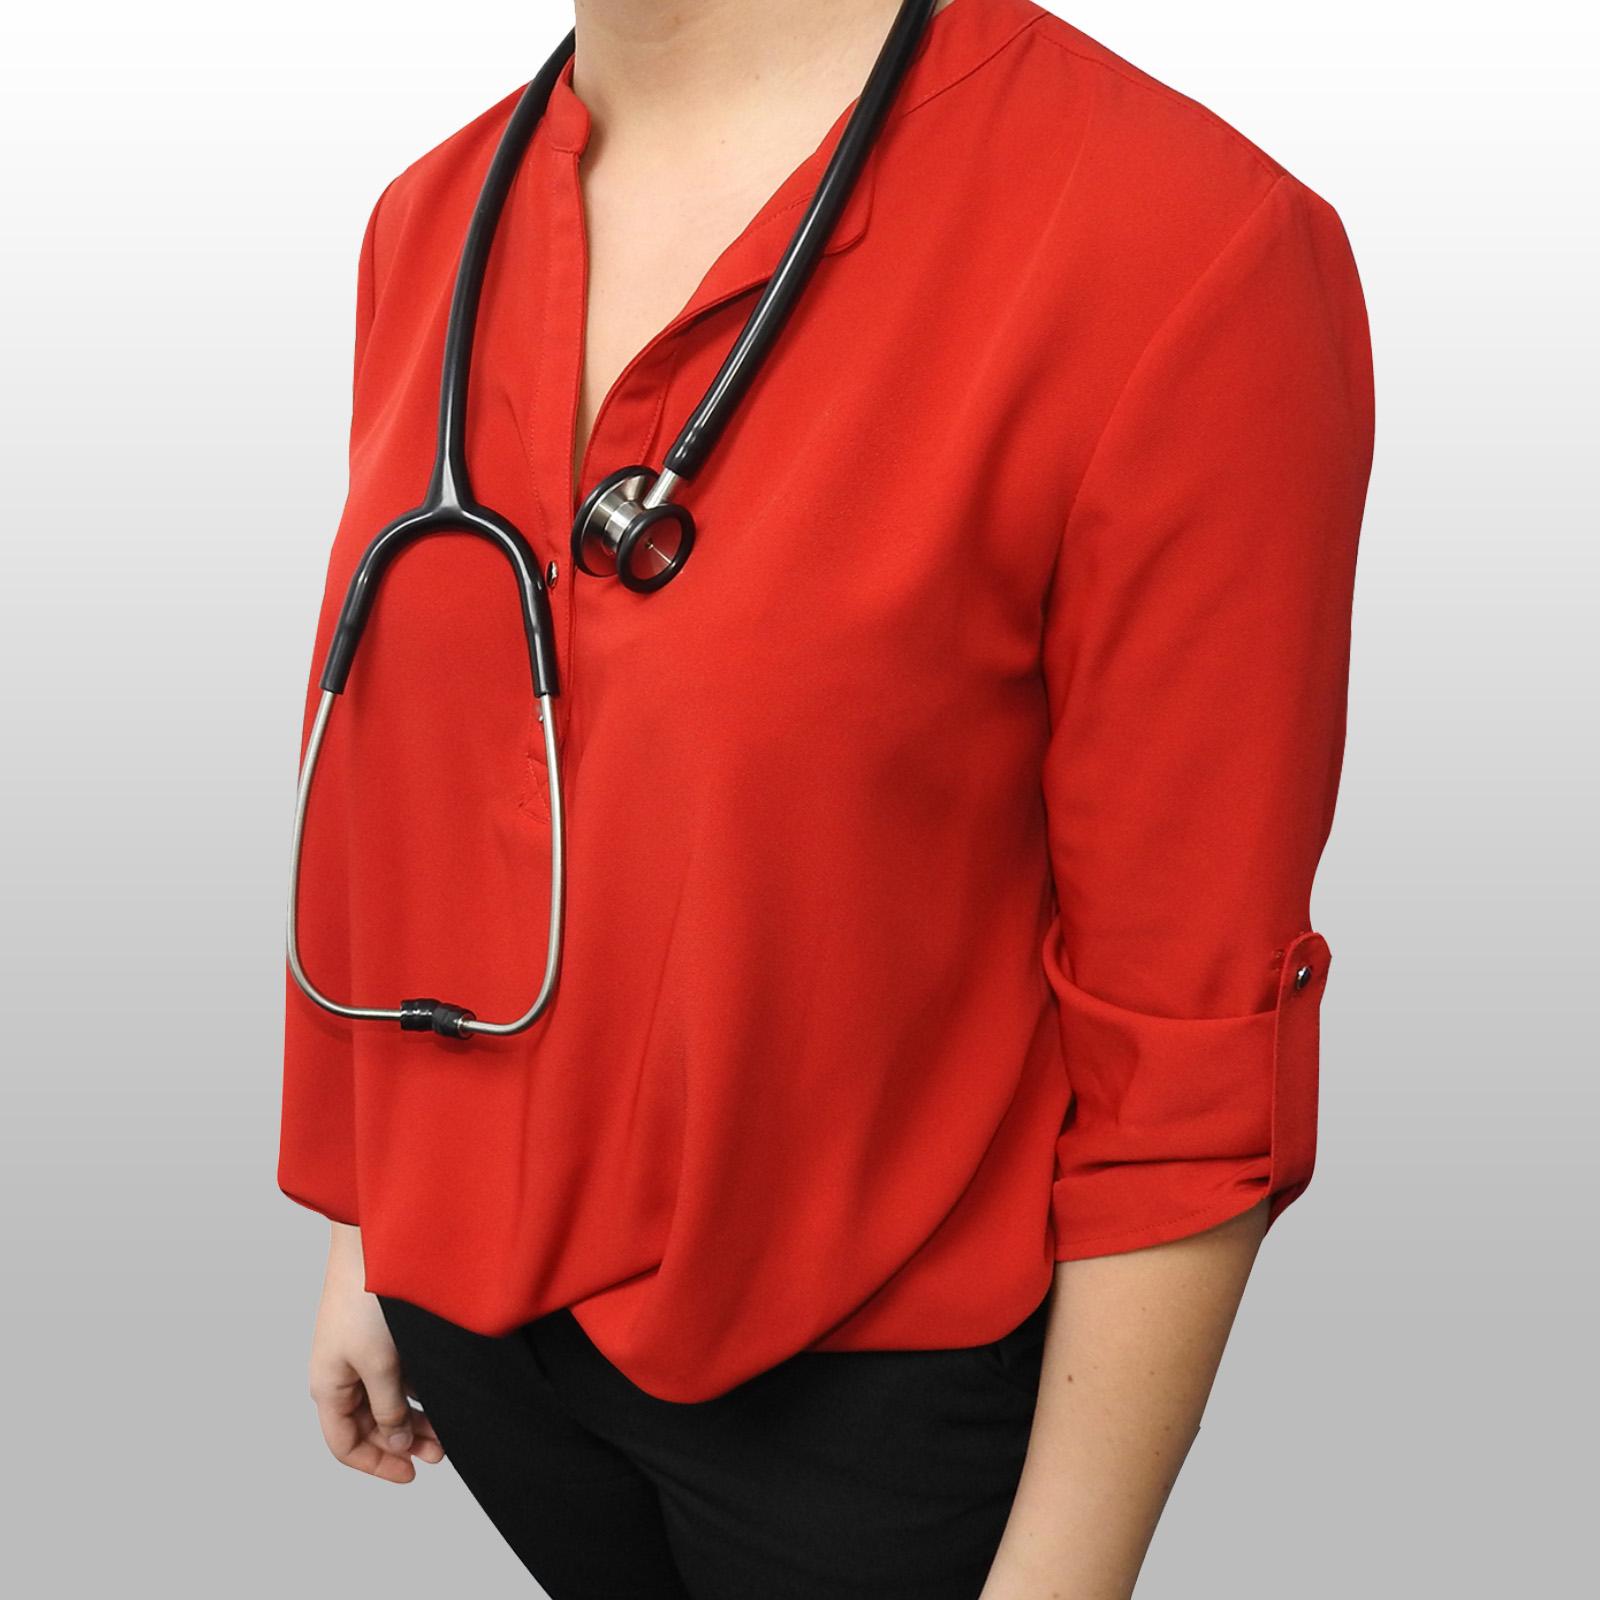 Patient Healthcare